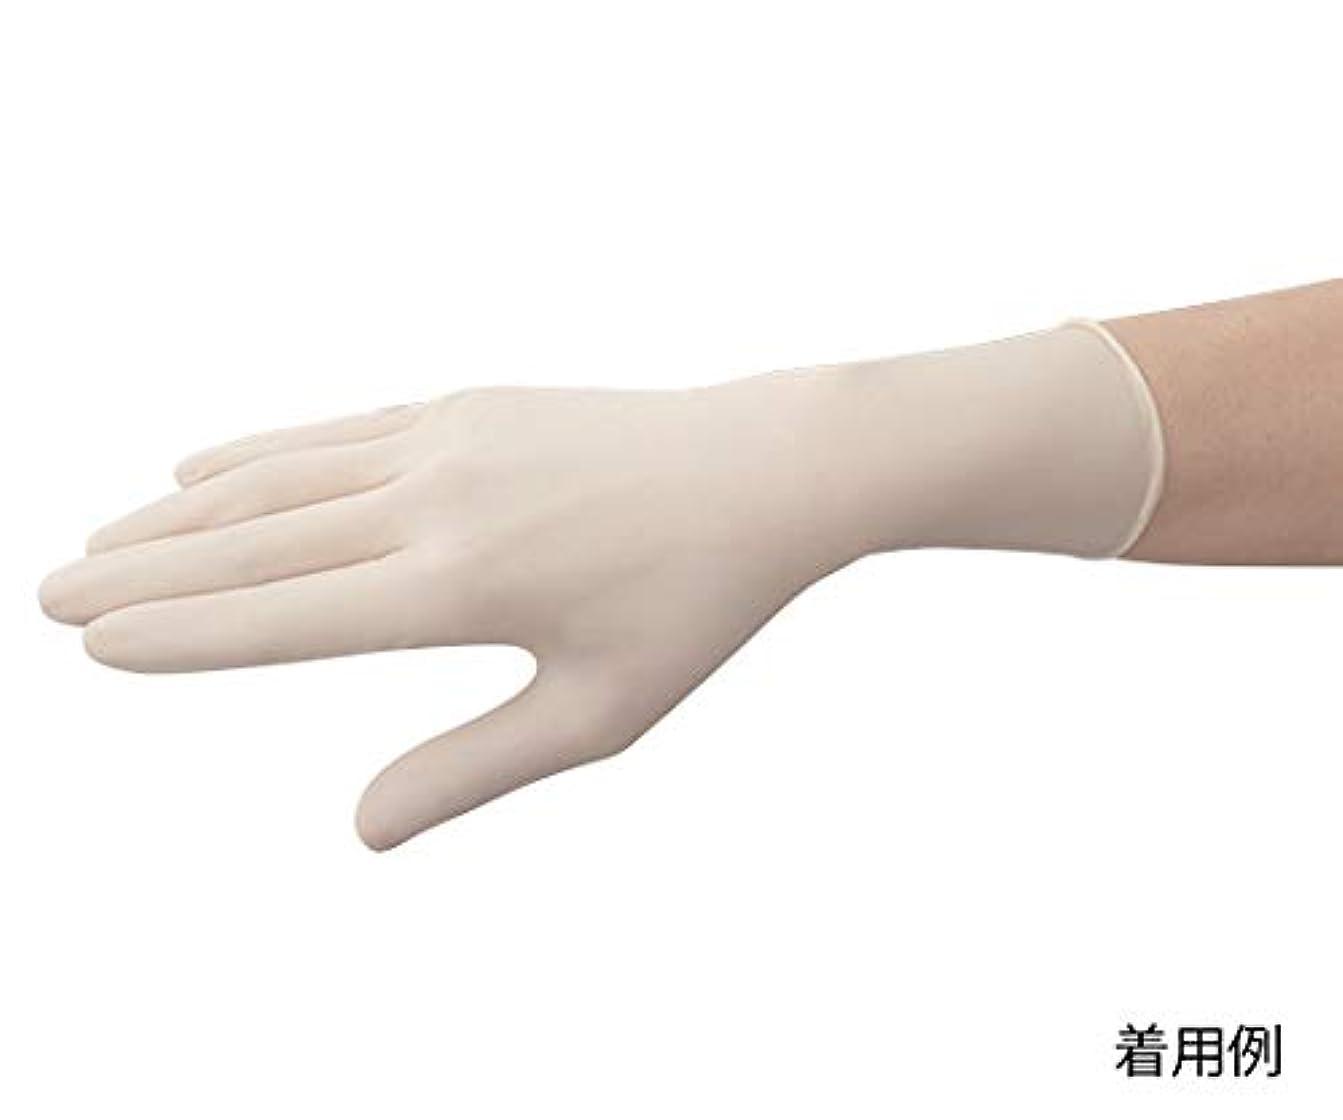 カセットする不完全な東レ?メディカル 手術用手袋メディグリップ パウダーフリー50双 8175MG